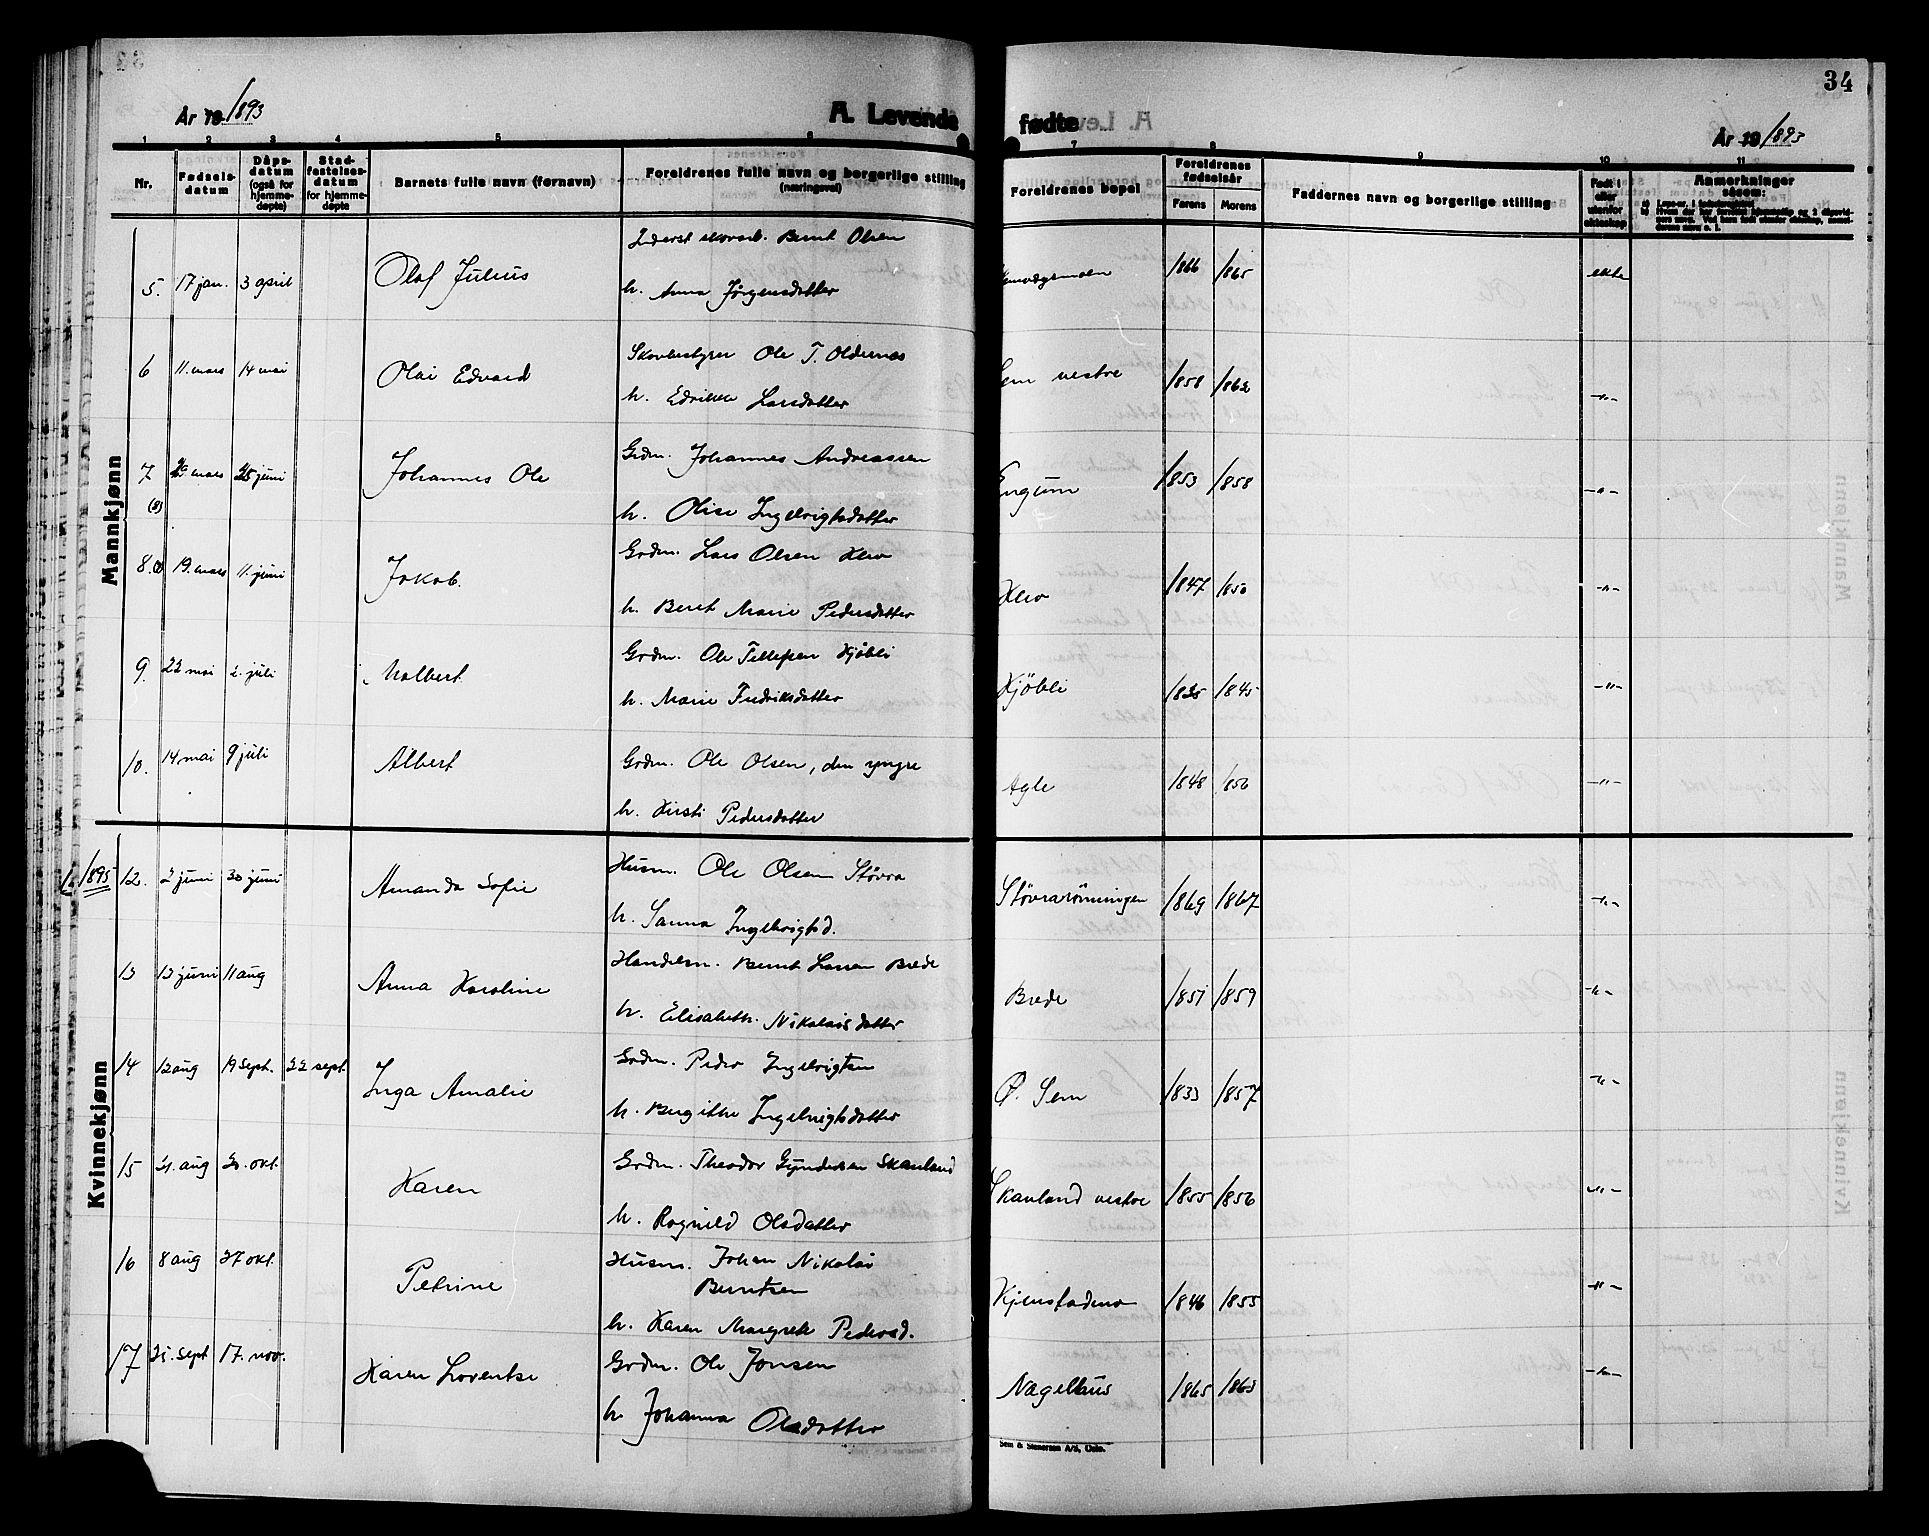 SAT, Ministerialprotokoller, klokkerbøker og fødselsregistre - Nord-Trøndelag, 749/L0487: Ministerialbok nr. 749D03, 1887-1902, s. 34